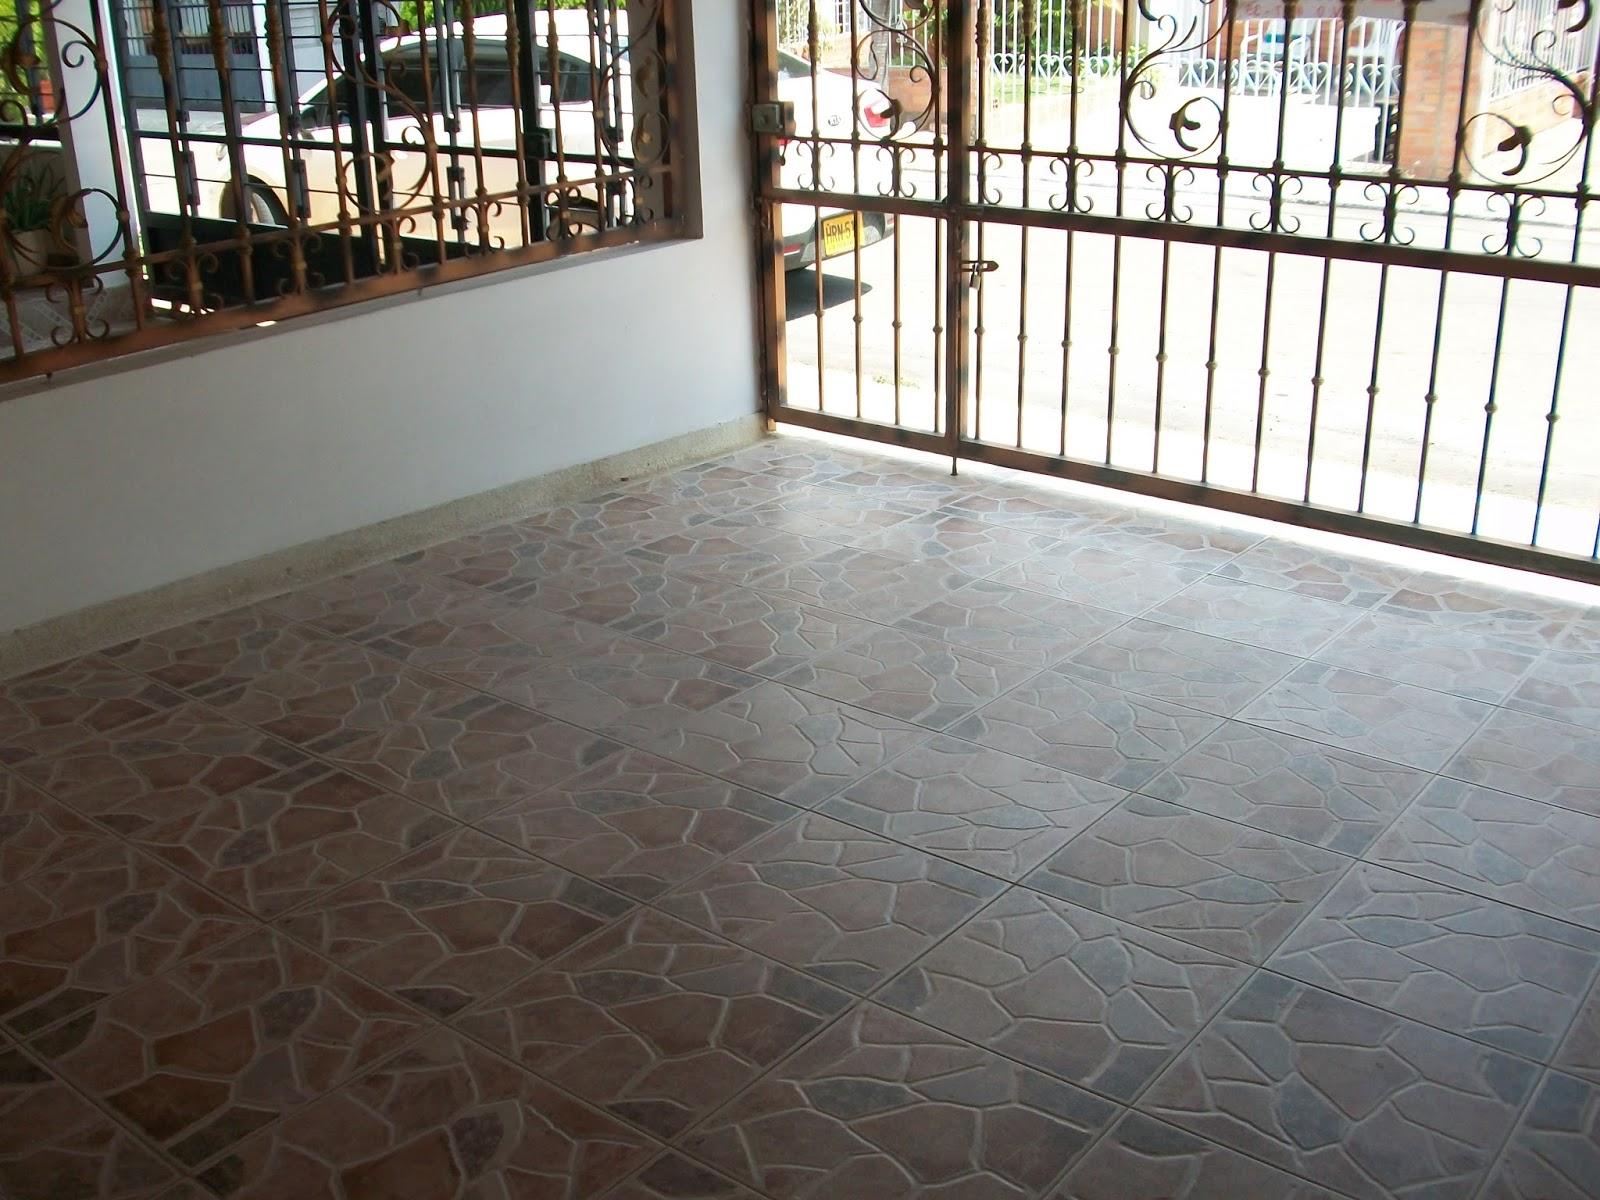 Vendocasaencucuta estacionamiento for Pisos de ceramica para exteriores